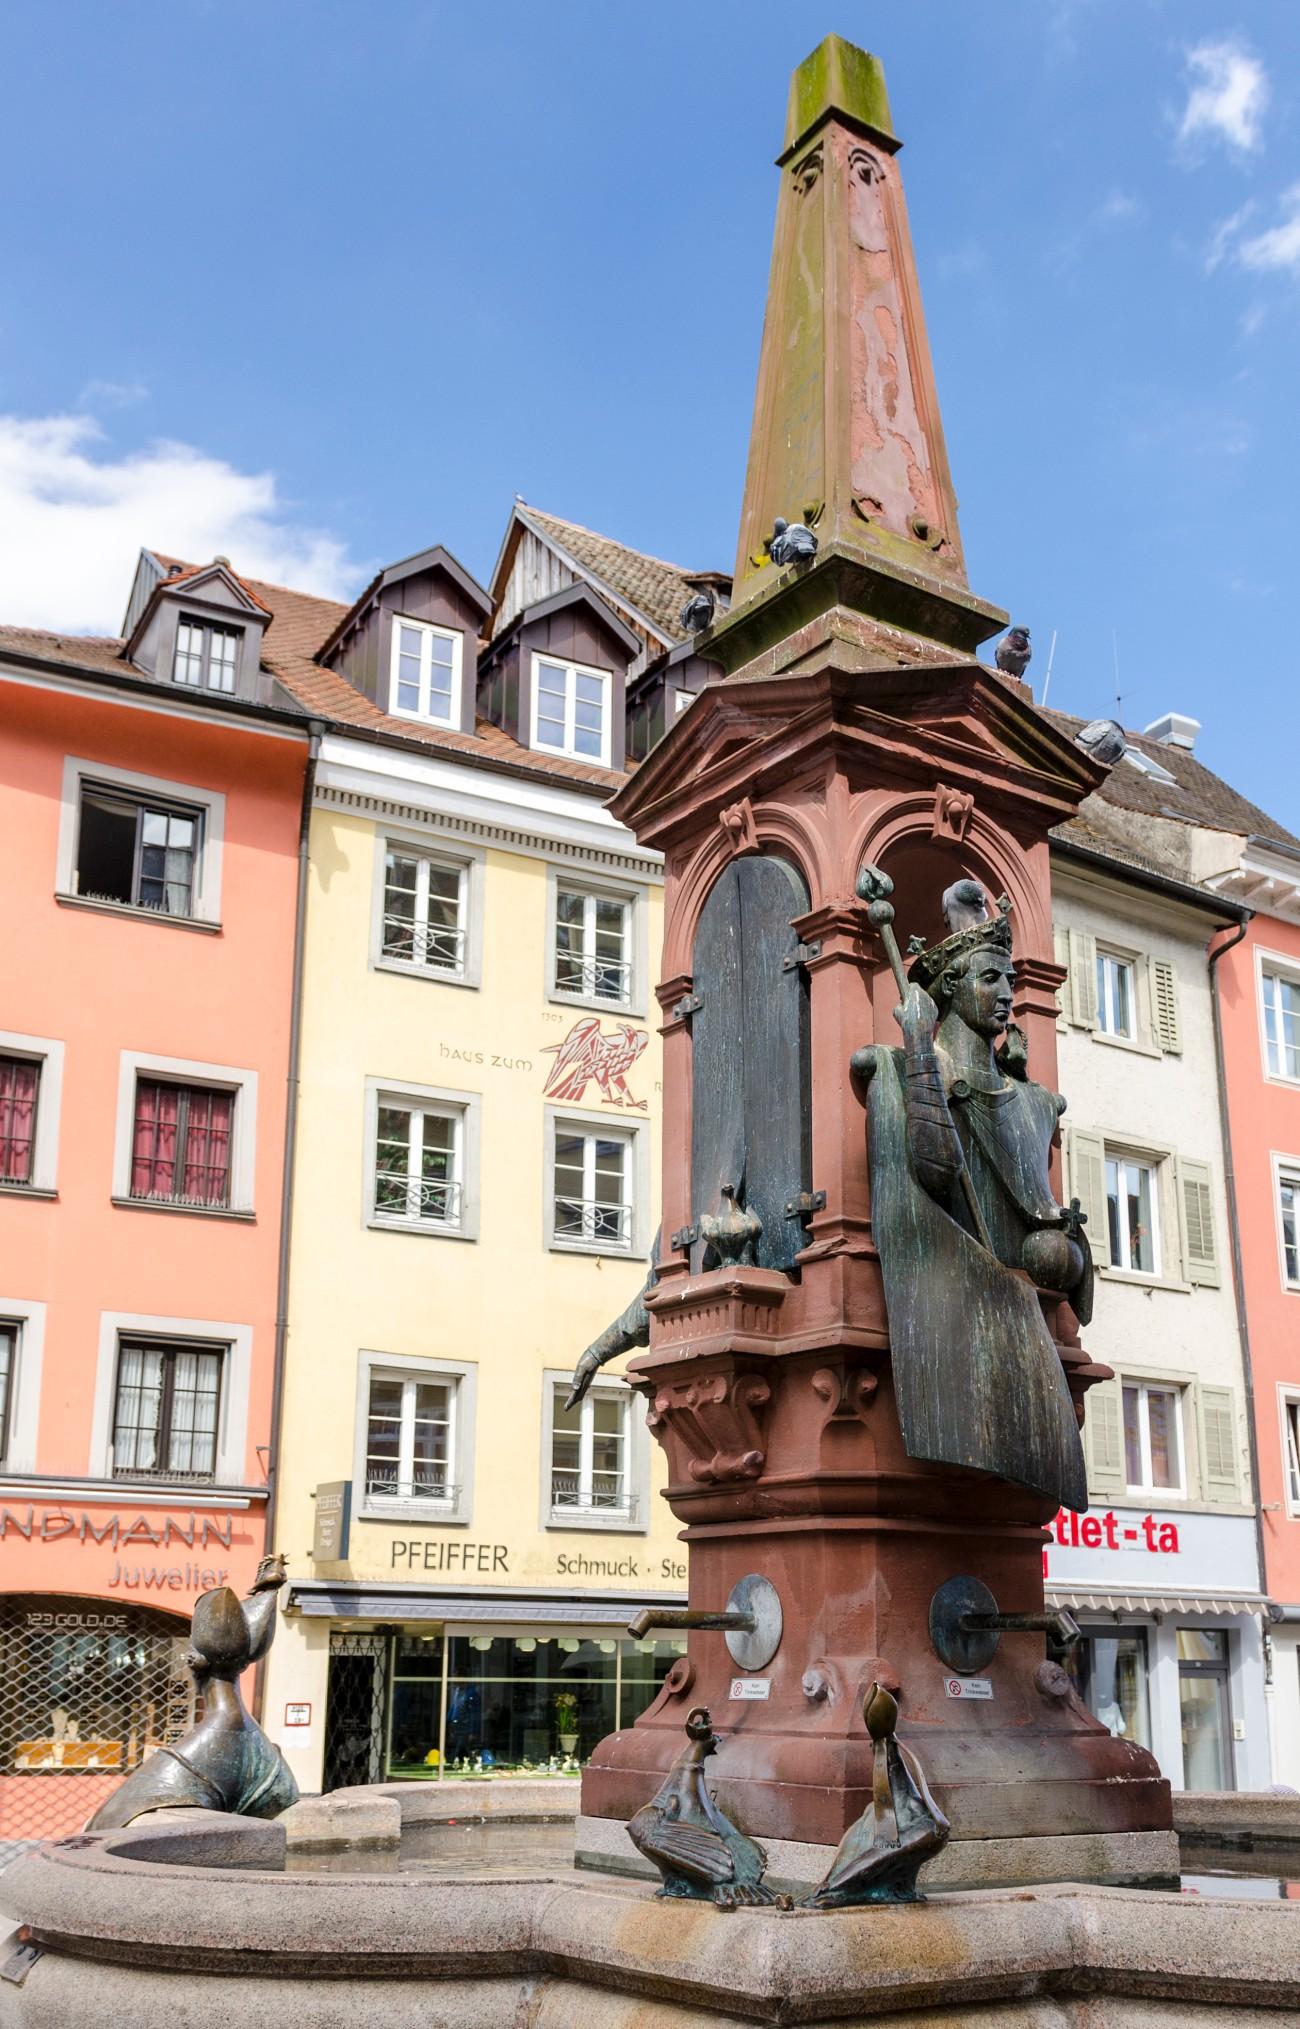 Szökőkűt az egyik téren, szintén szatirikus szobrokkal